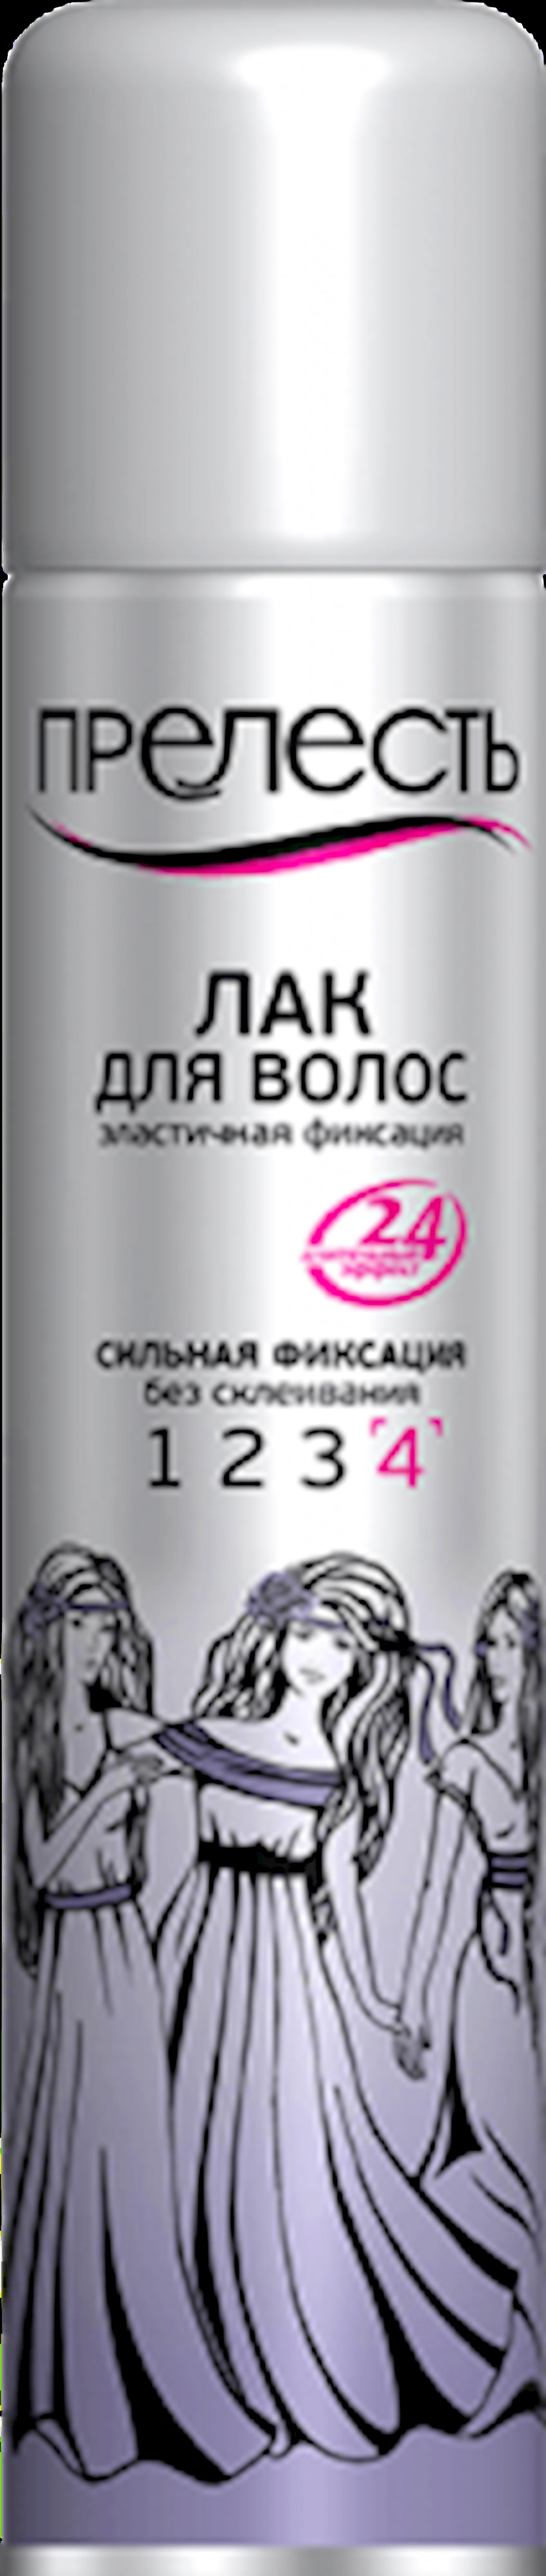 Saç lakı Прелесть güclü fiksasiya 200 ml